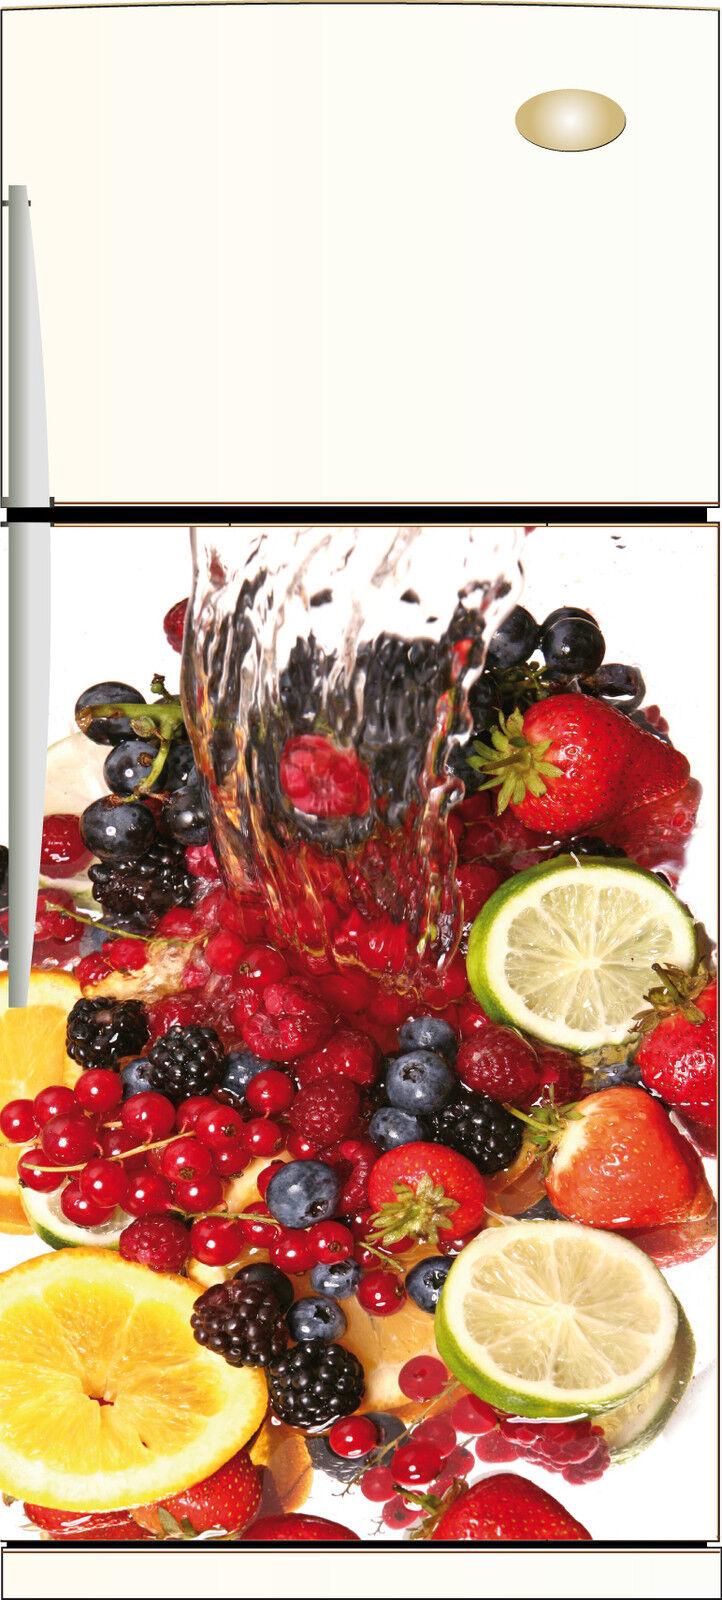 Adesivo Frigo Riposizionabile Decocrazione Cucina Fruits 60x90cm Ref 037